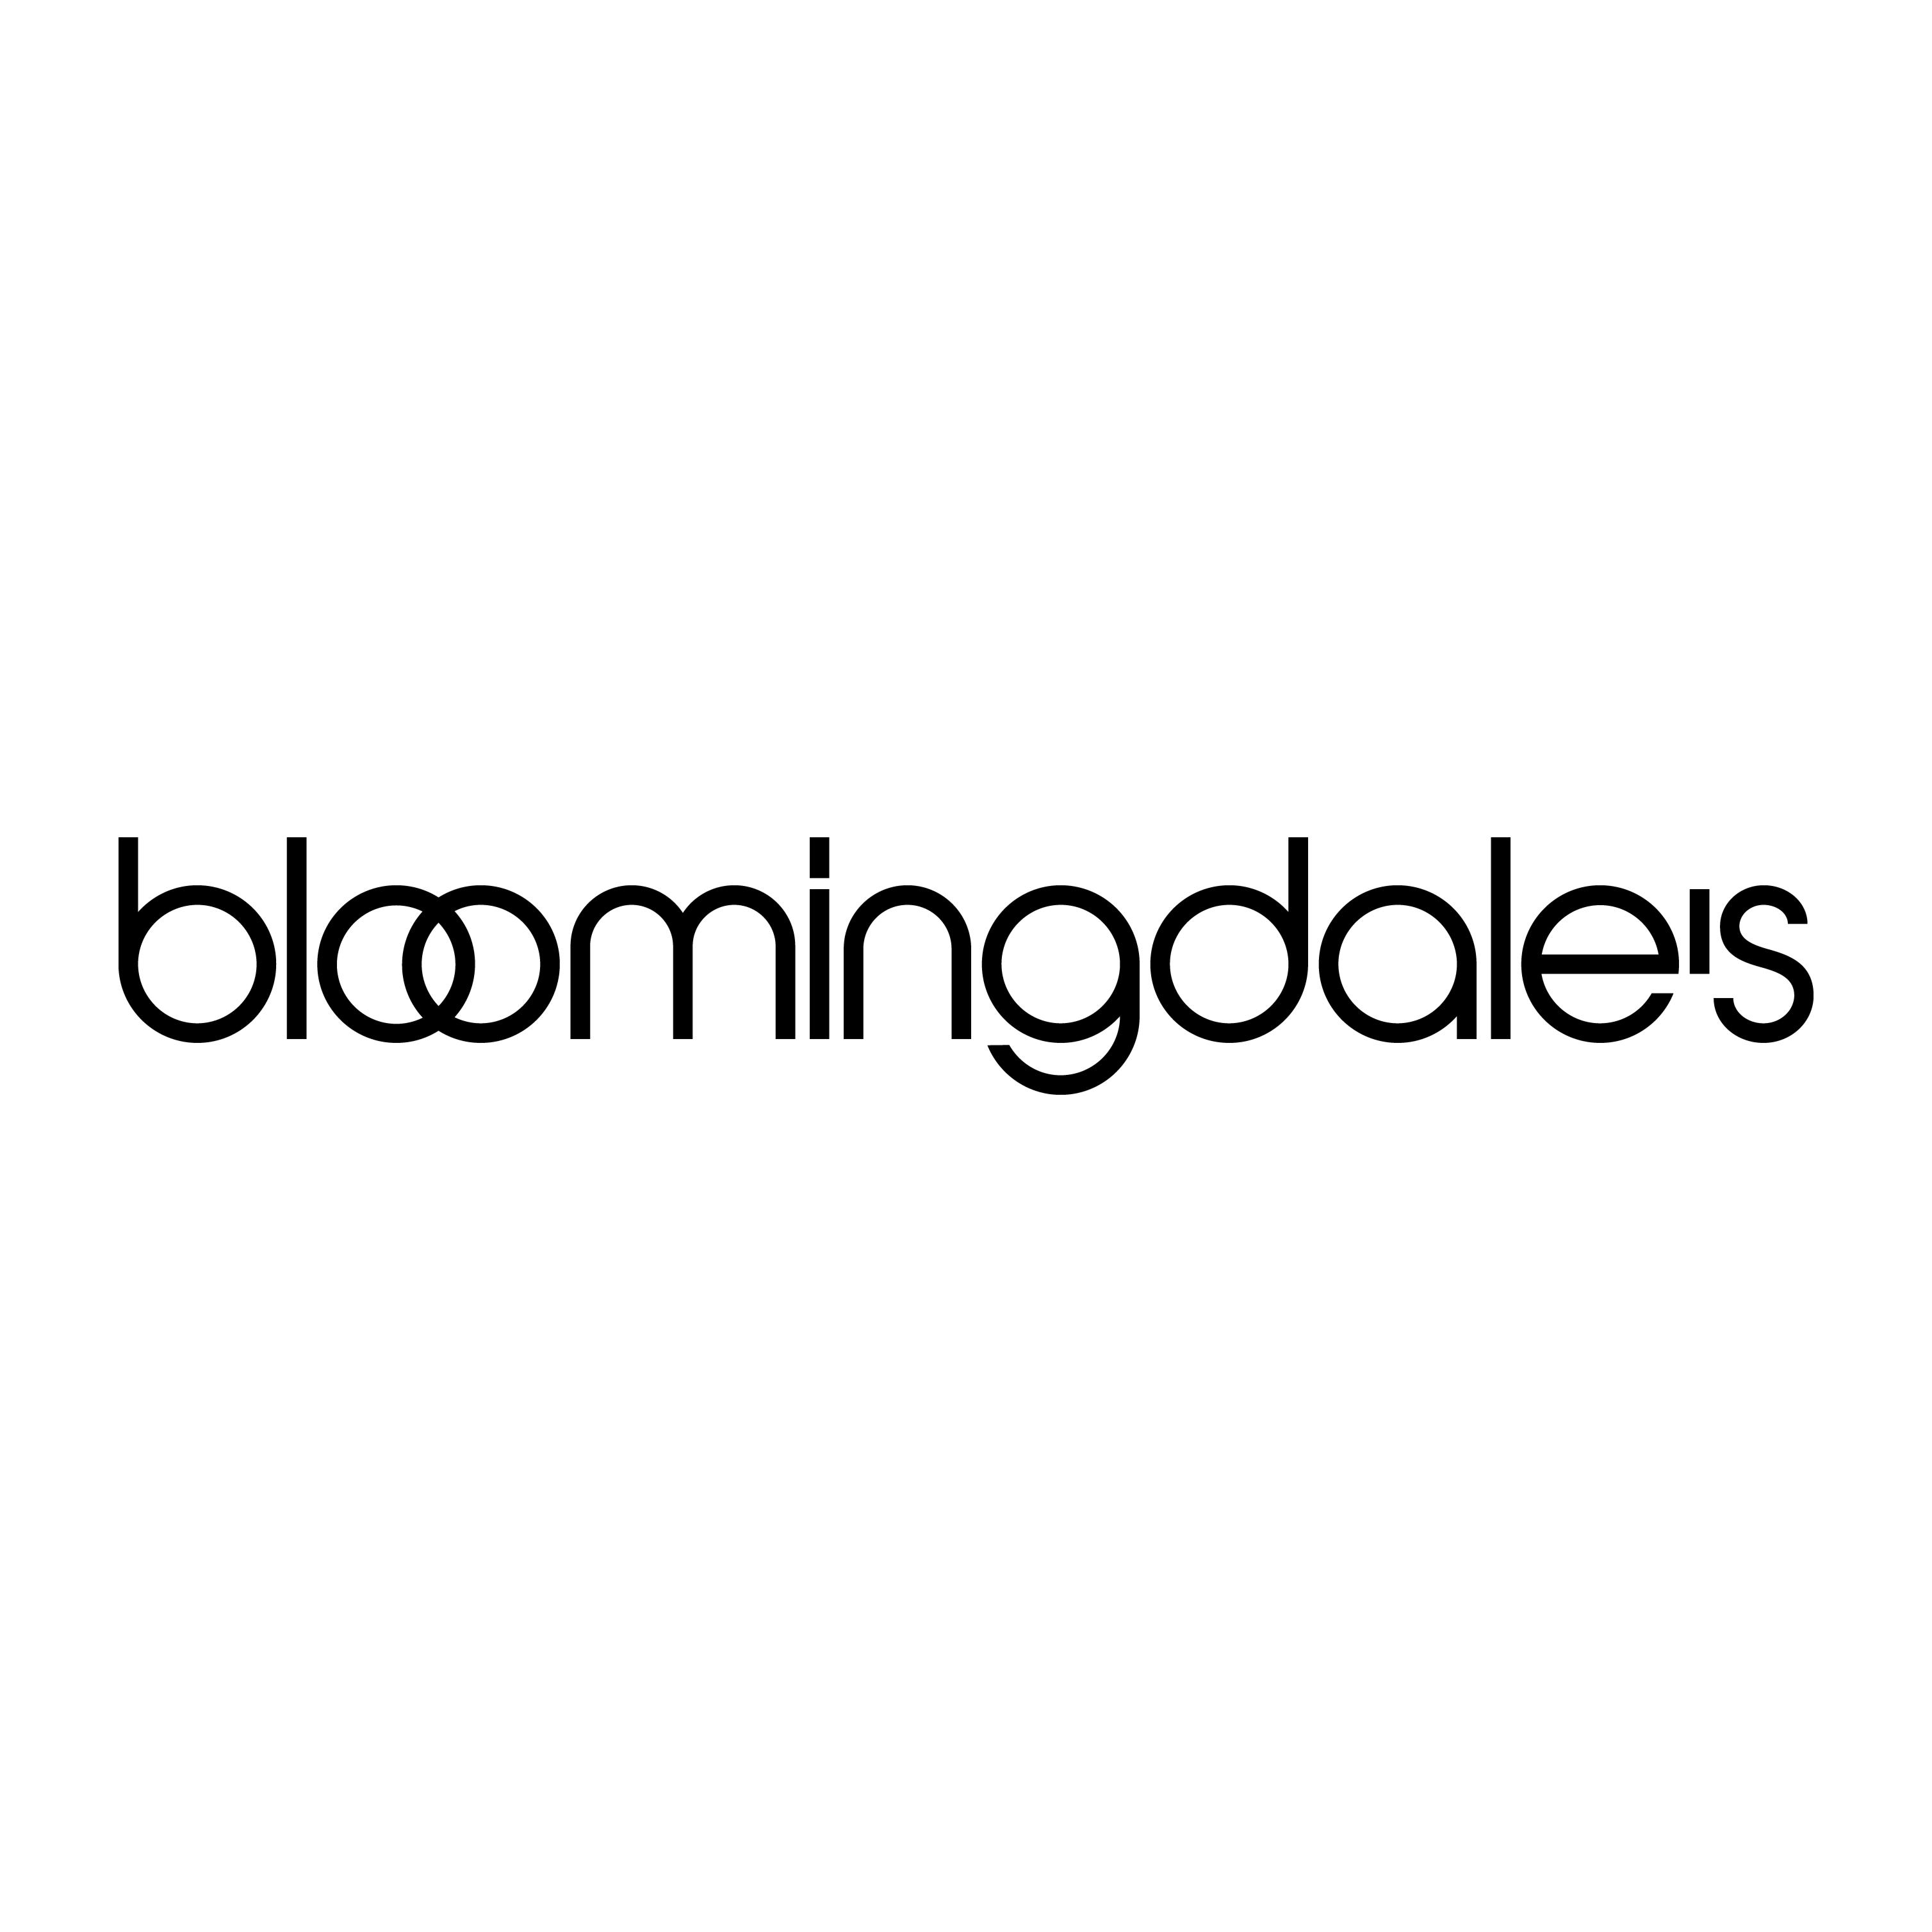 bloomingdales.com